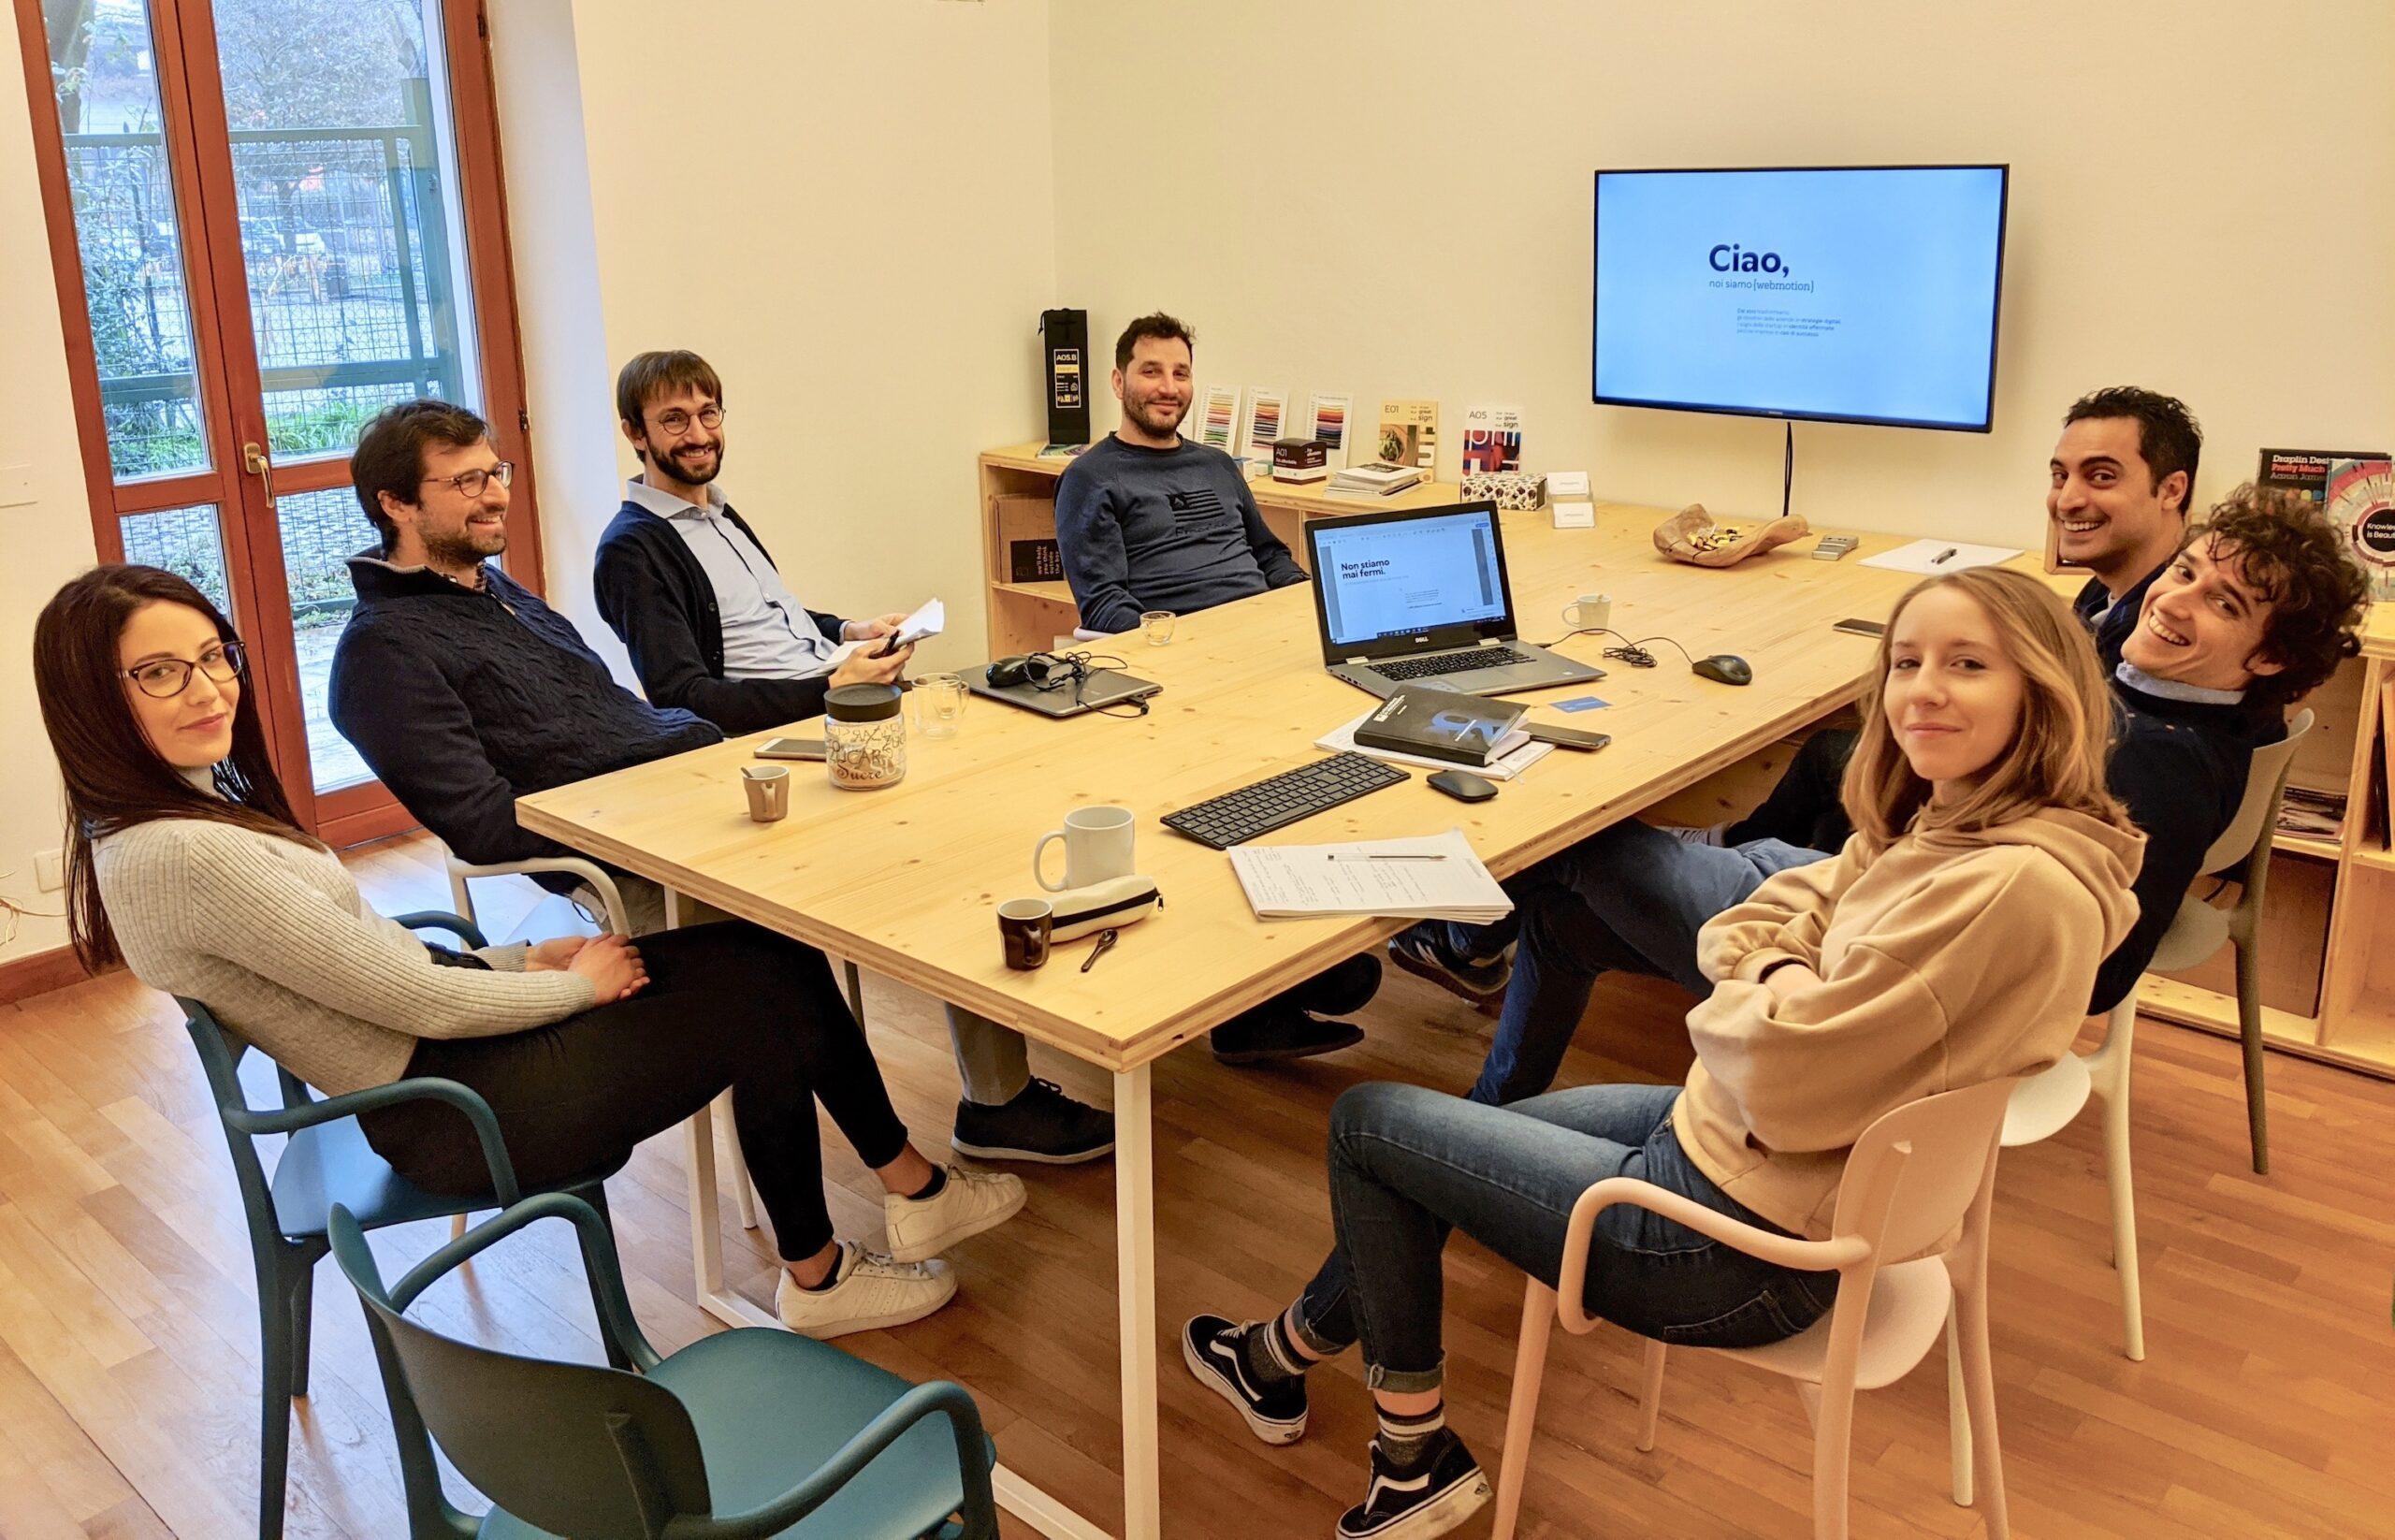 Il-team-veronese-di-webmotion-ideatore-adunmetro